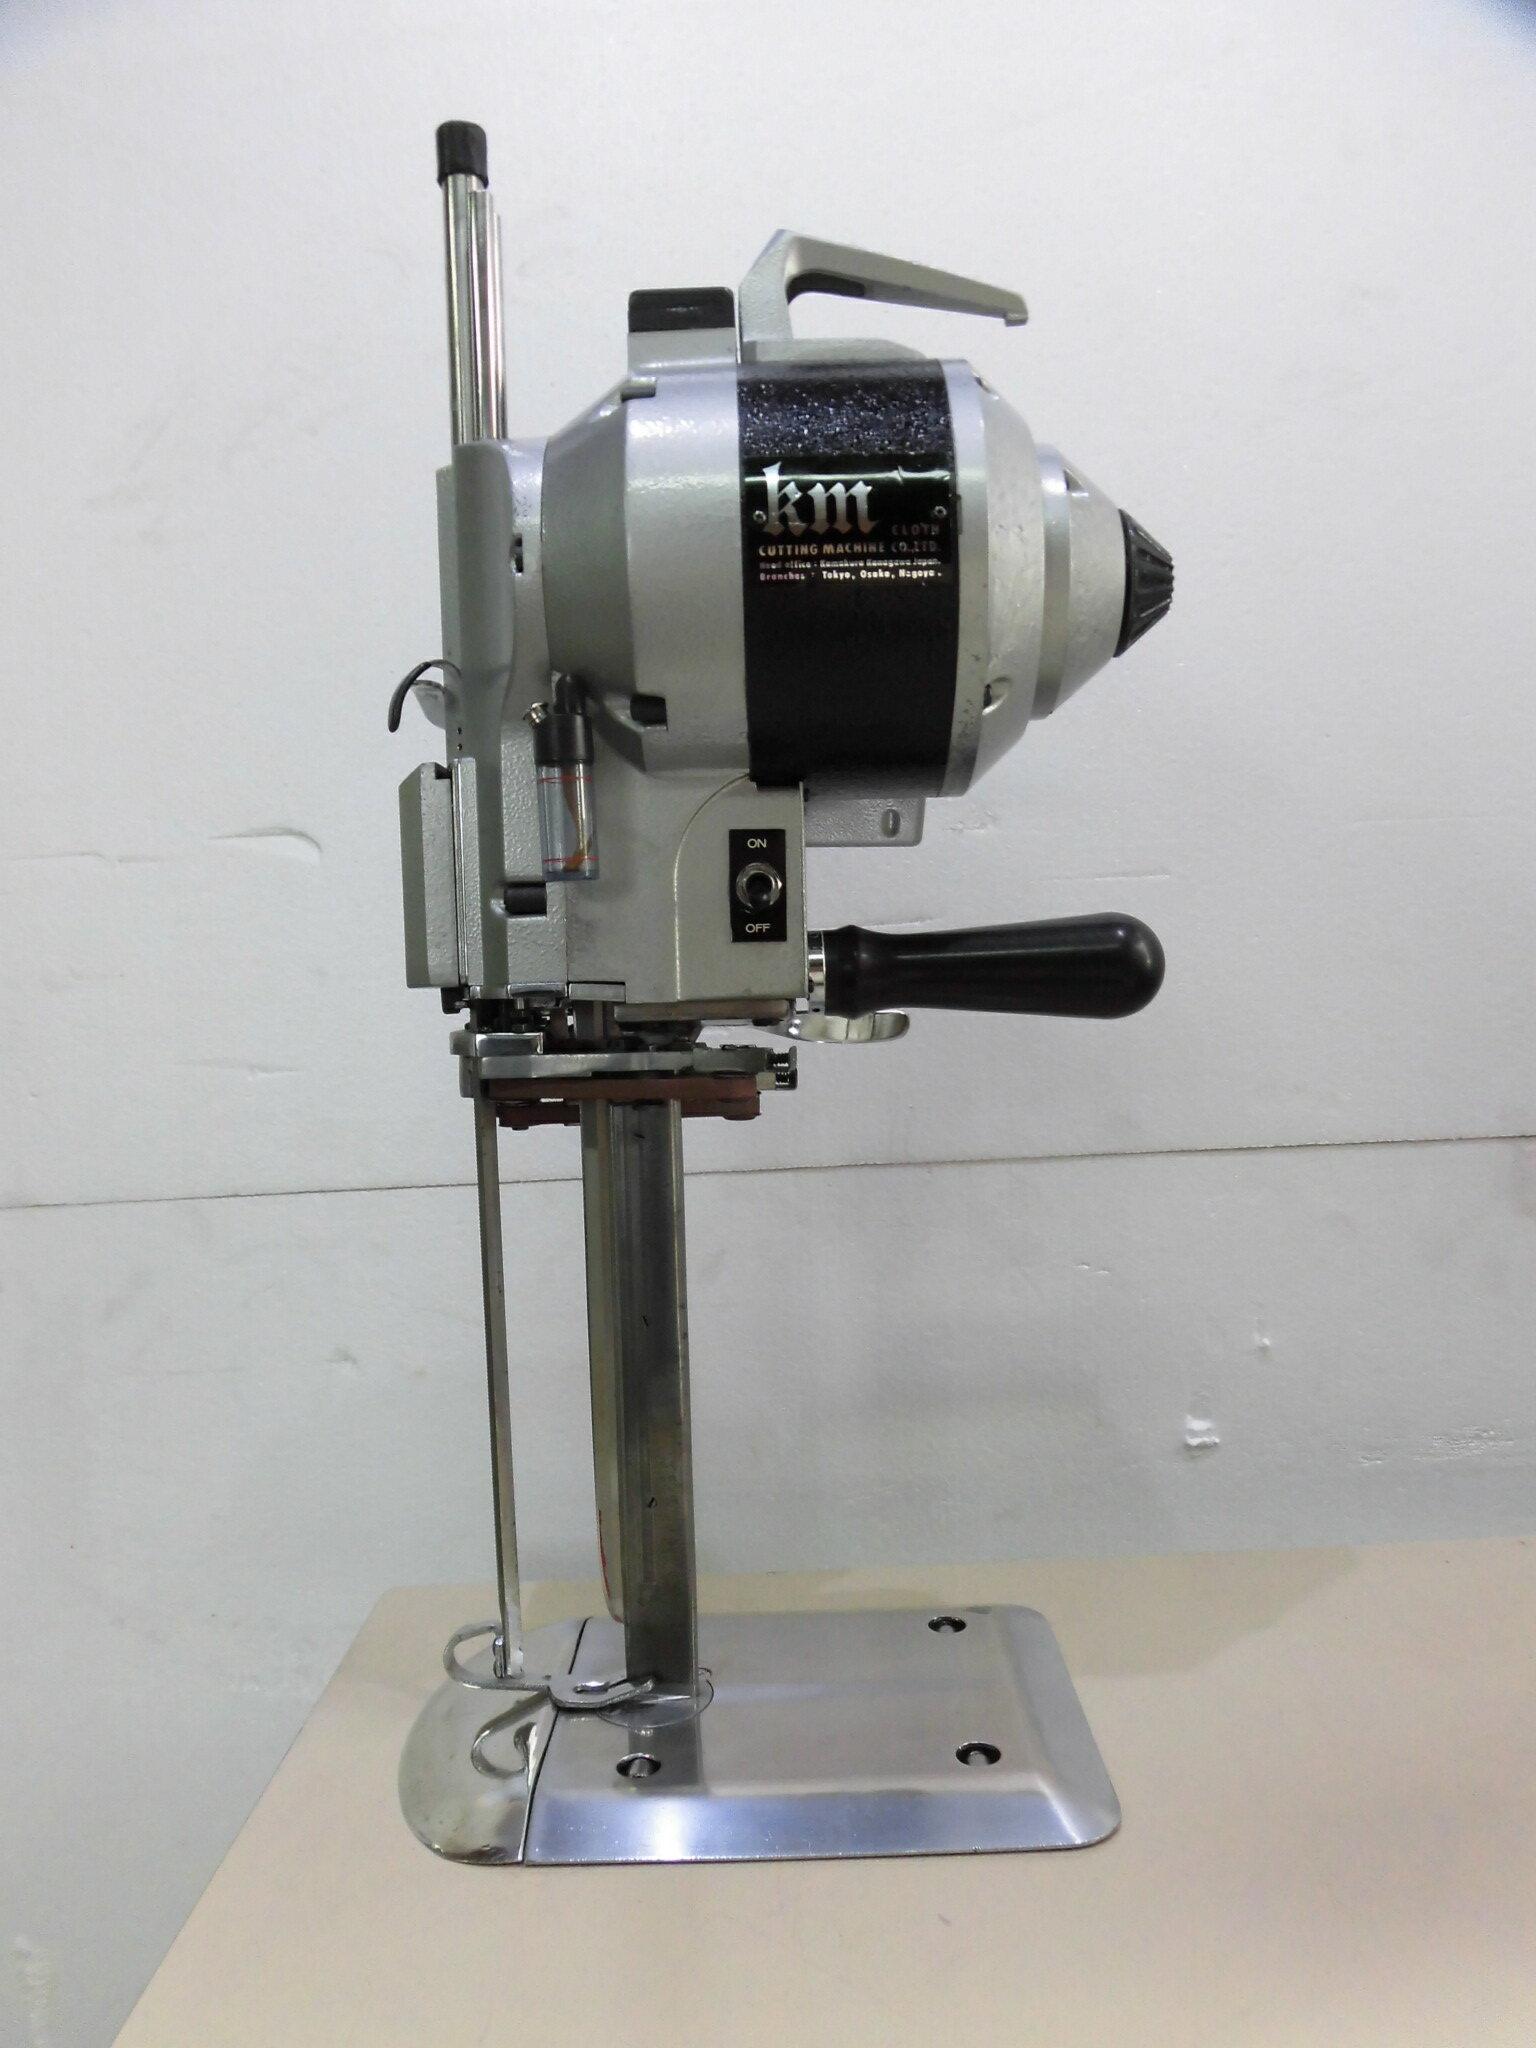 【中古】KM裁断機 オーバーホール済み。 日本製 KS-AUIII  10インチ 縦刃裁断機 整備済み。6か月の保証つきです。100V仕様